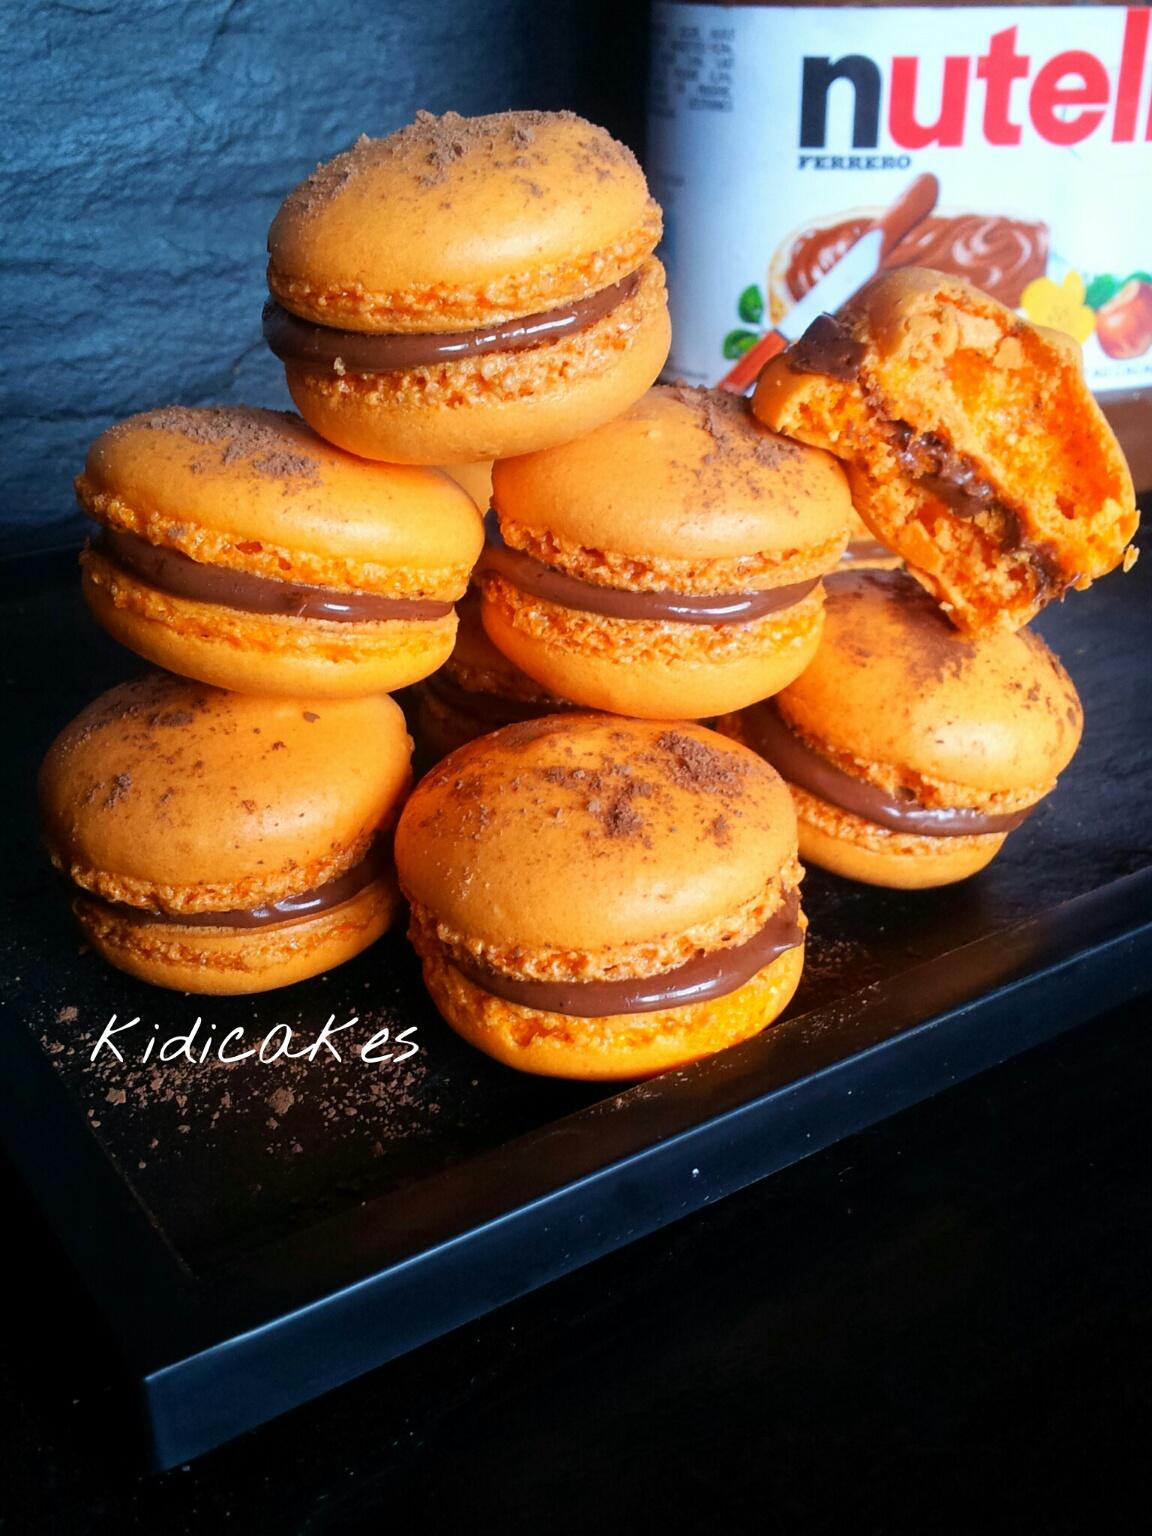 Recette de macaron aunutella pour halloween recette simple à réaliser macaron orange avec ganache au nutella